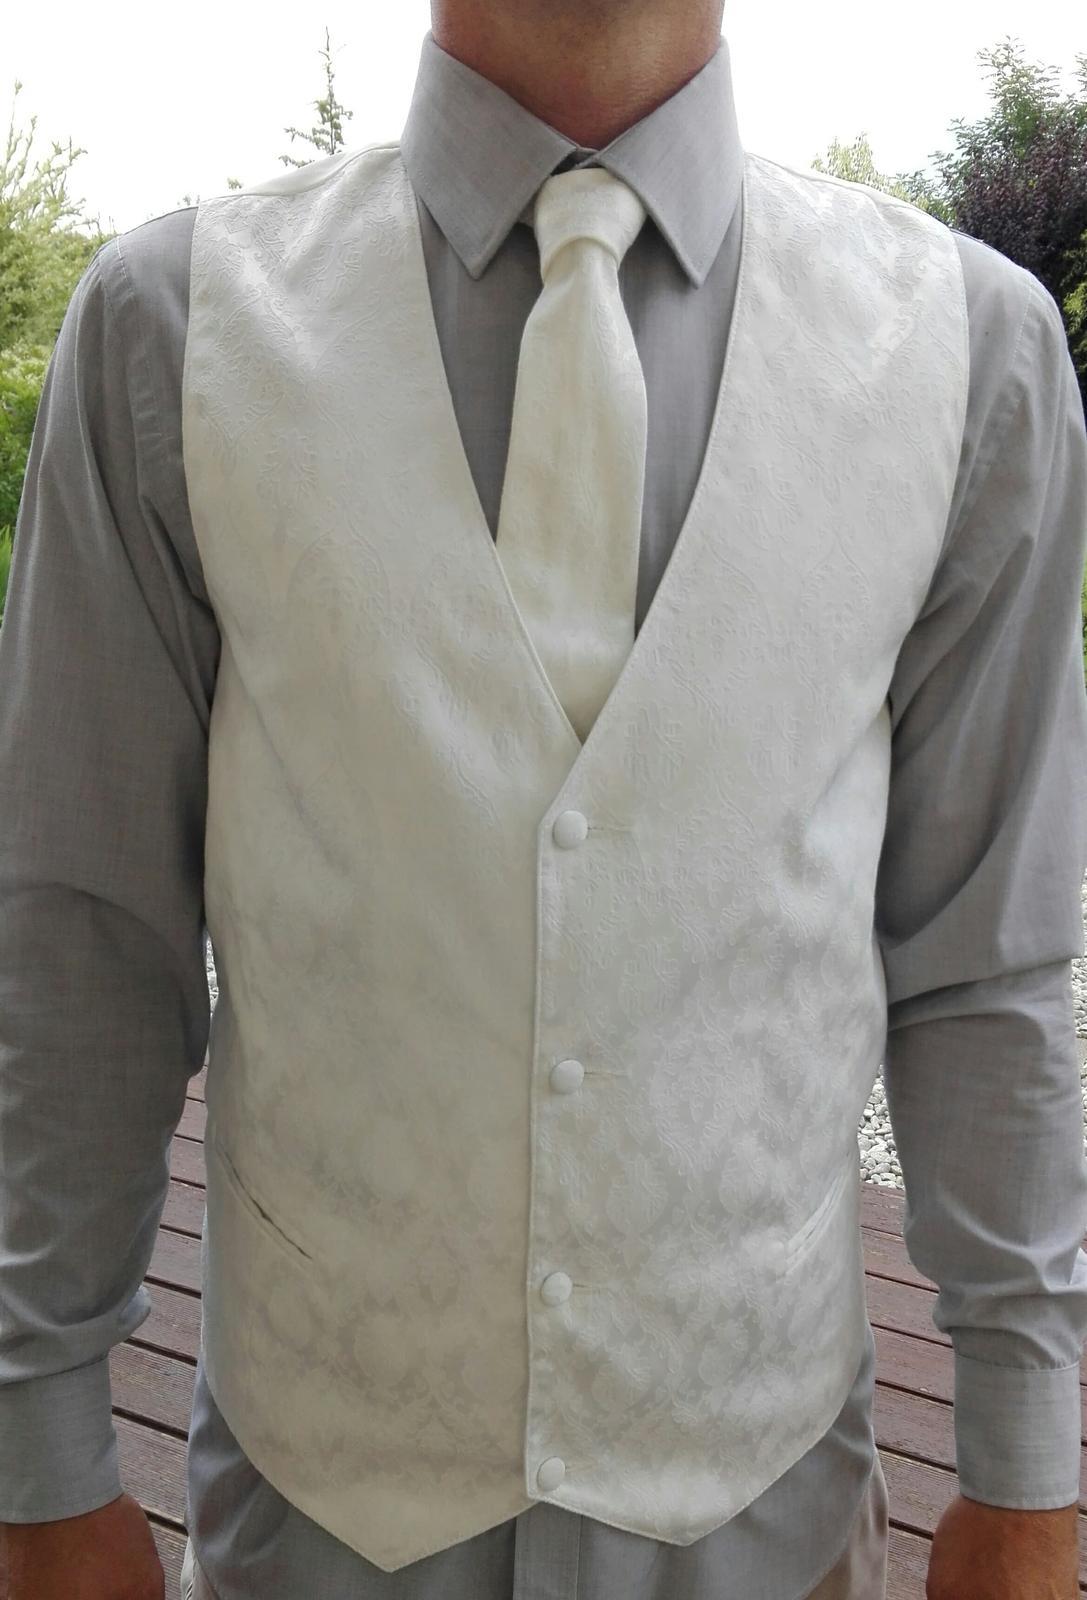 Svatební vesta s ornamenty a kravatou - Obrázek č. 1